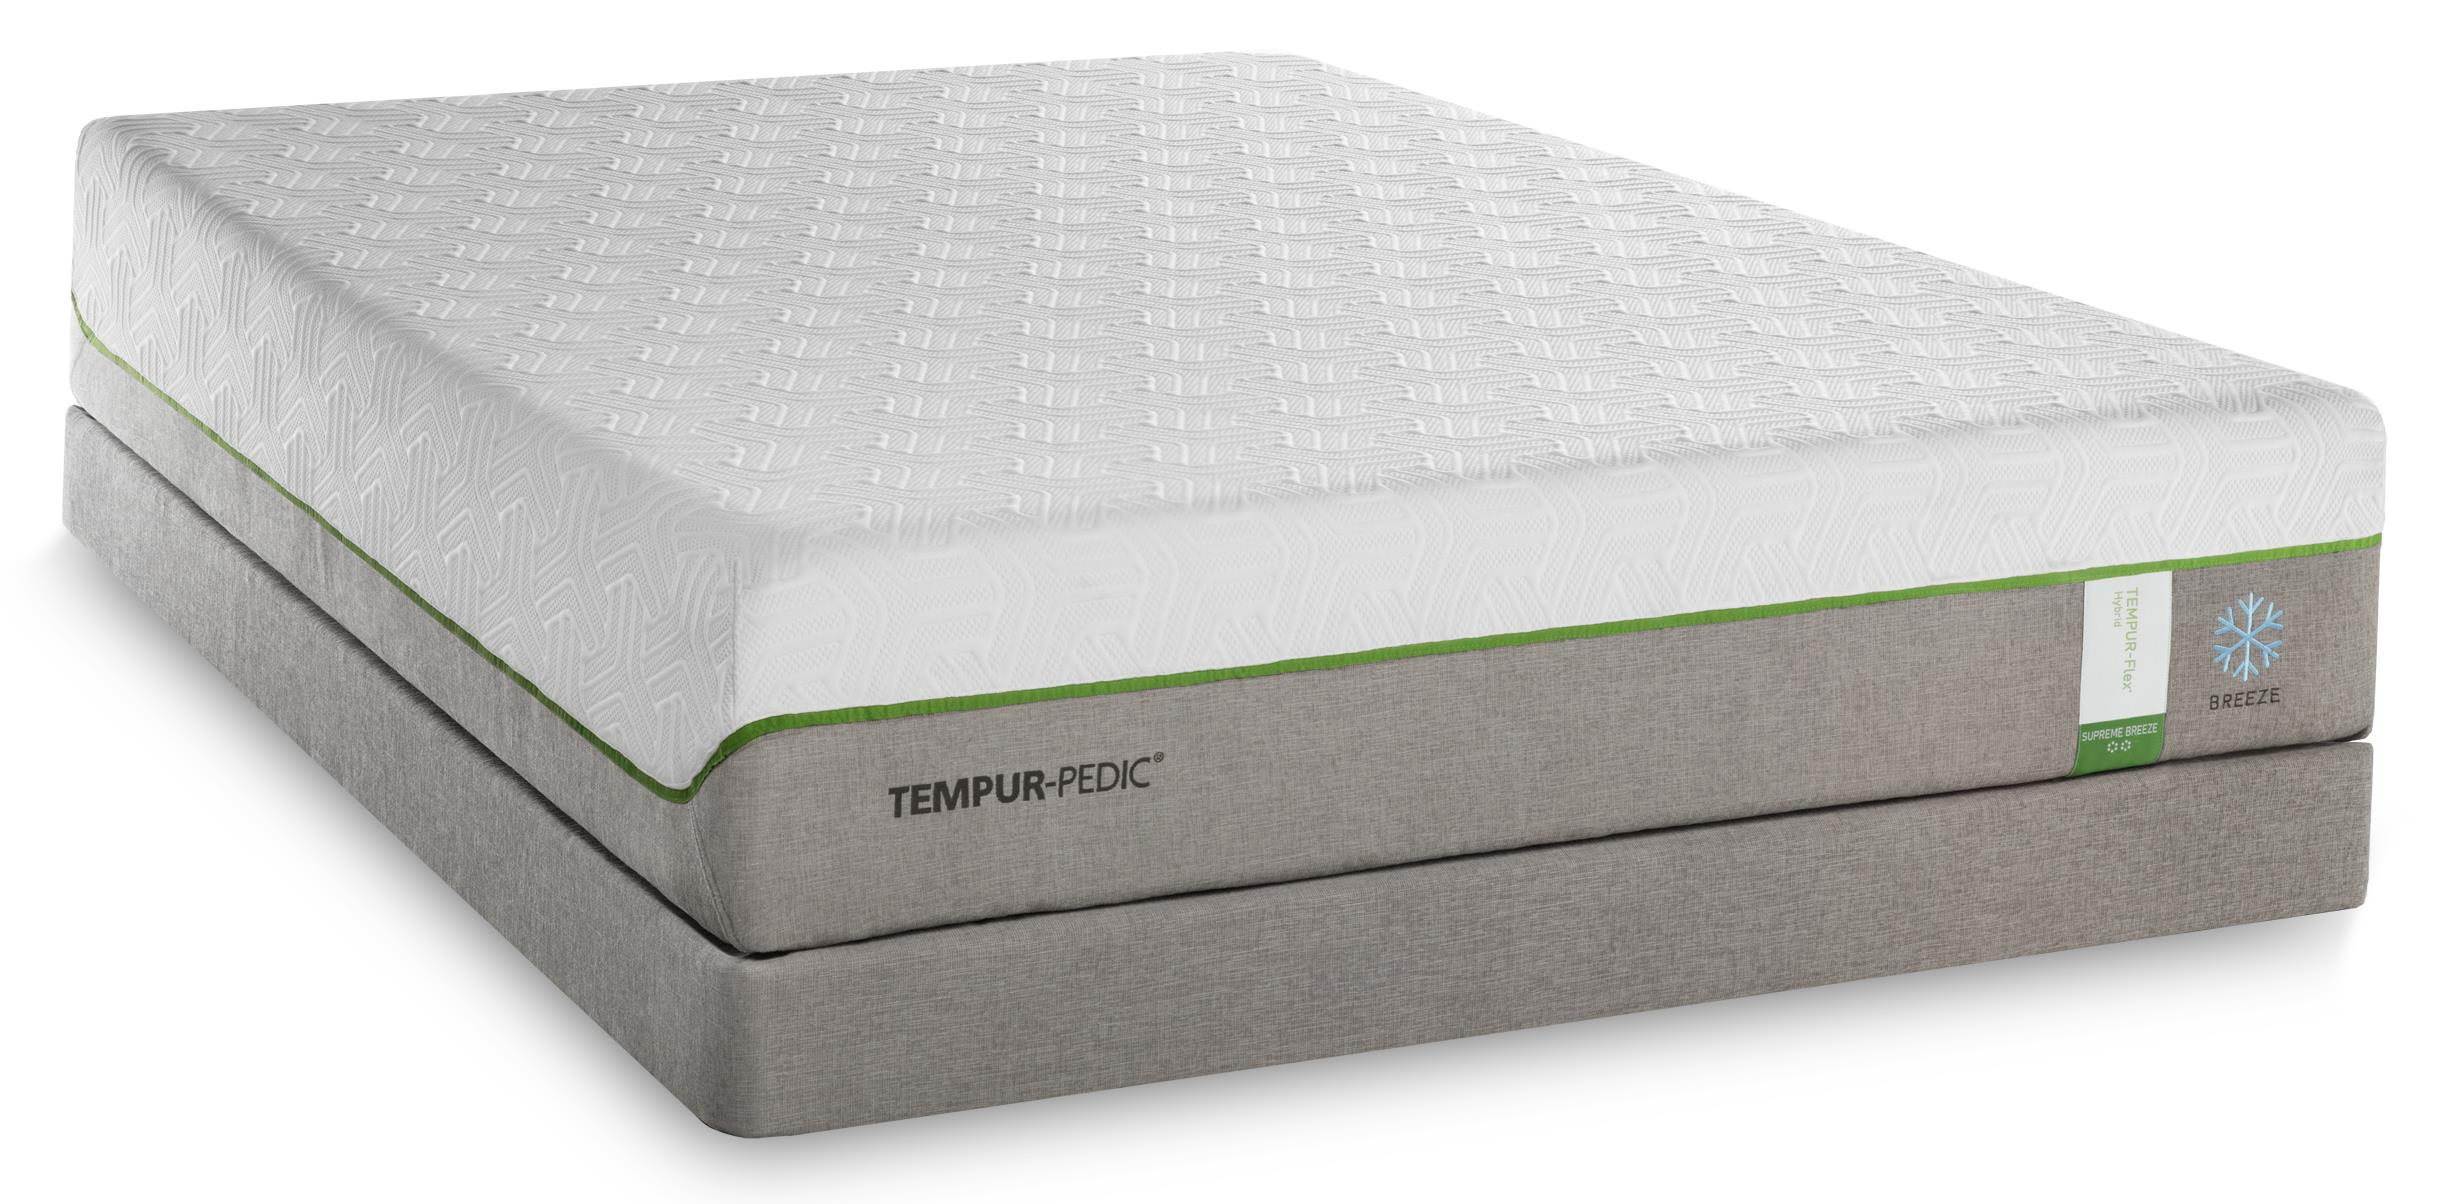 Tempur-Pedic® TEMPUR-Flex Supreme Breeze Full Medium Plush Adjustable Set - Item Number: 10292230+25289230